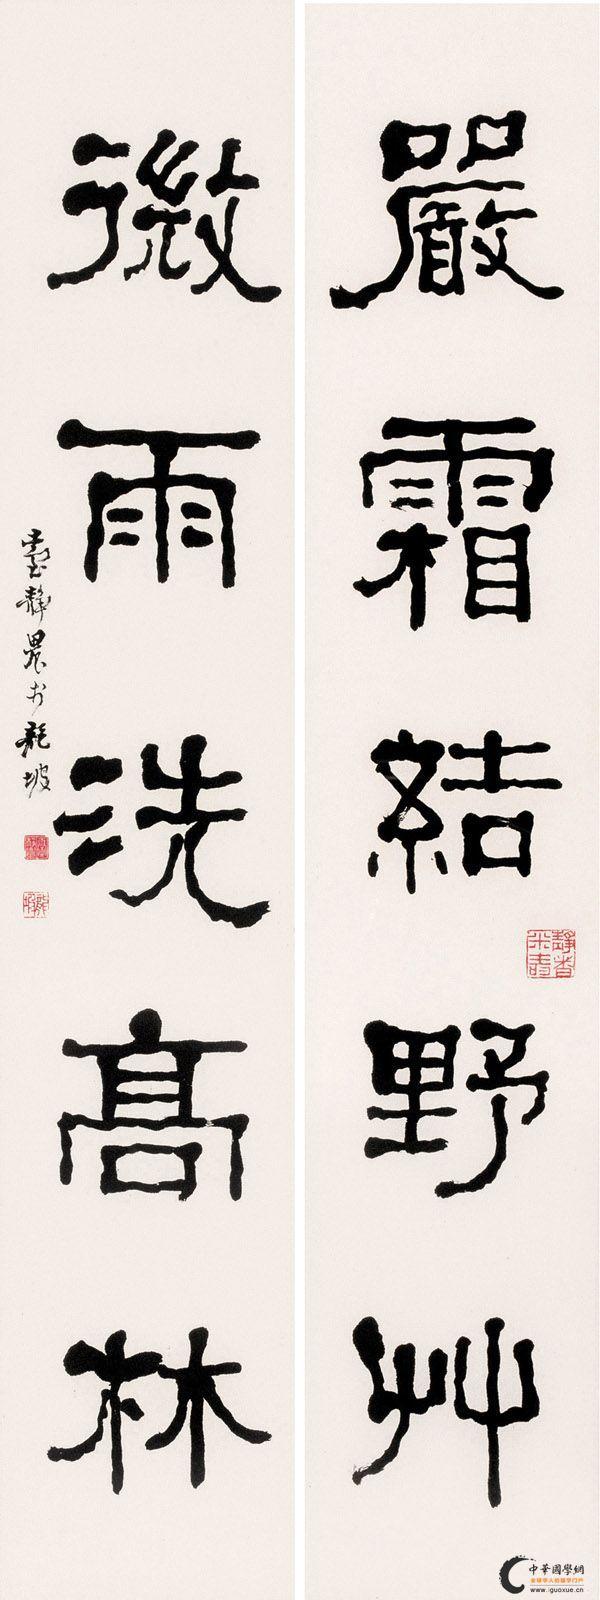 臺靜農 (Tai Ching-nung) - 隸書聯